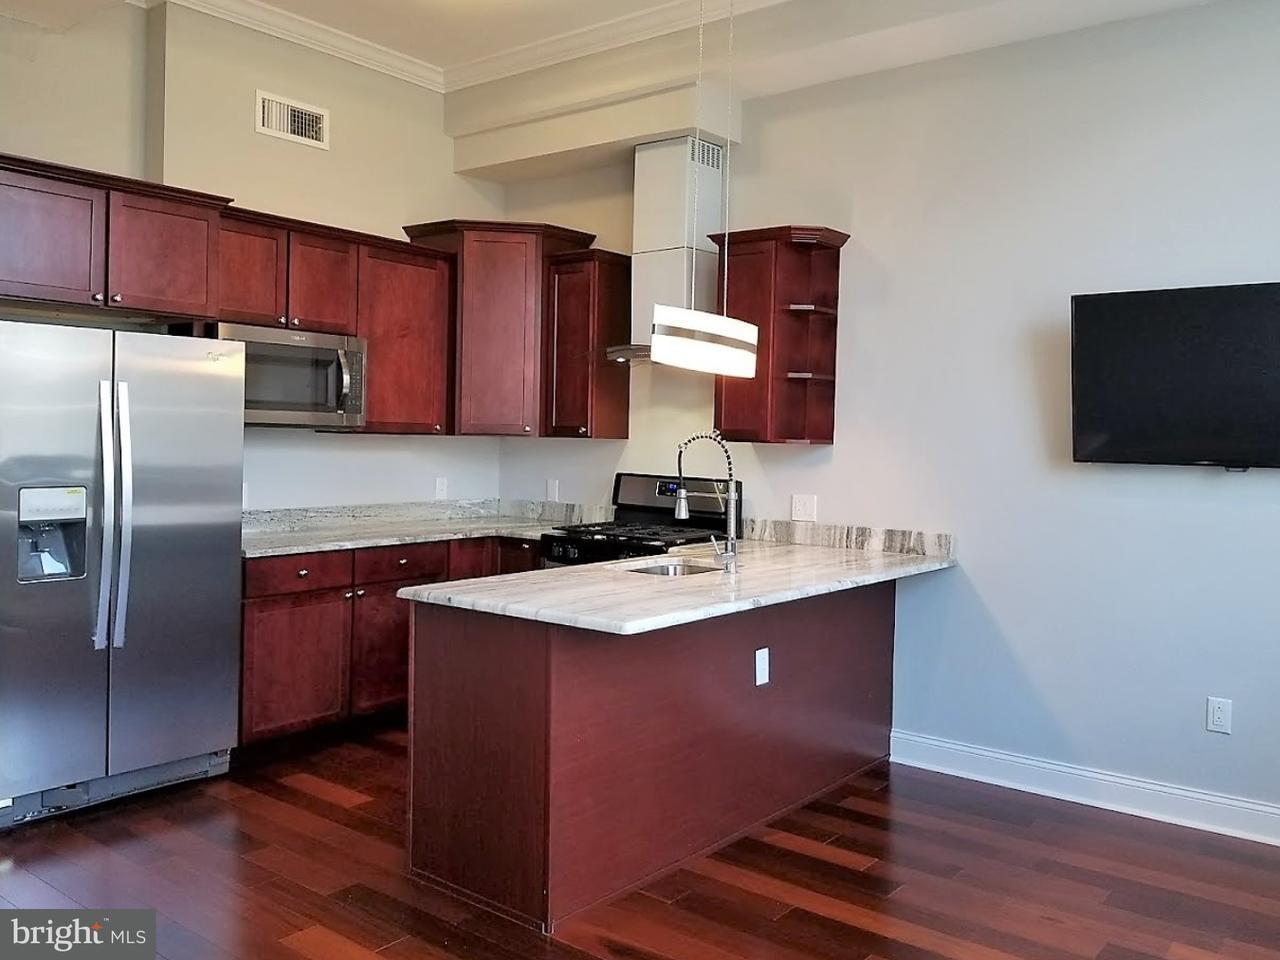 独户住宅 为 出租 在 1421 N 5TH ST #215 费城, 宾夕法尼亚州 19122 美国